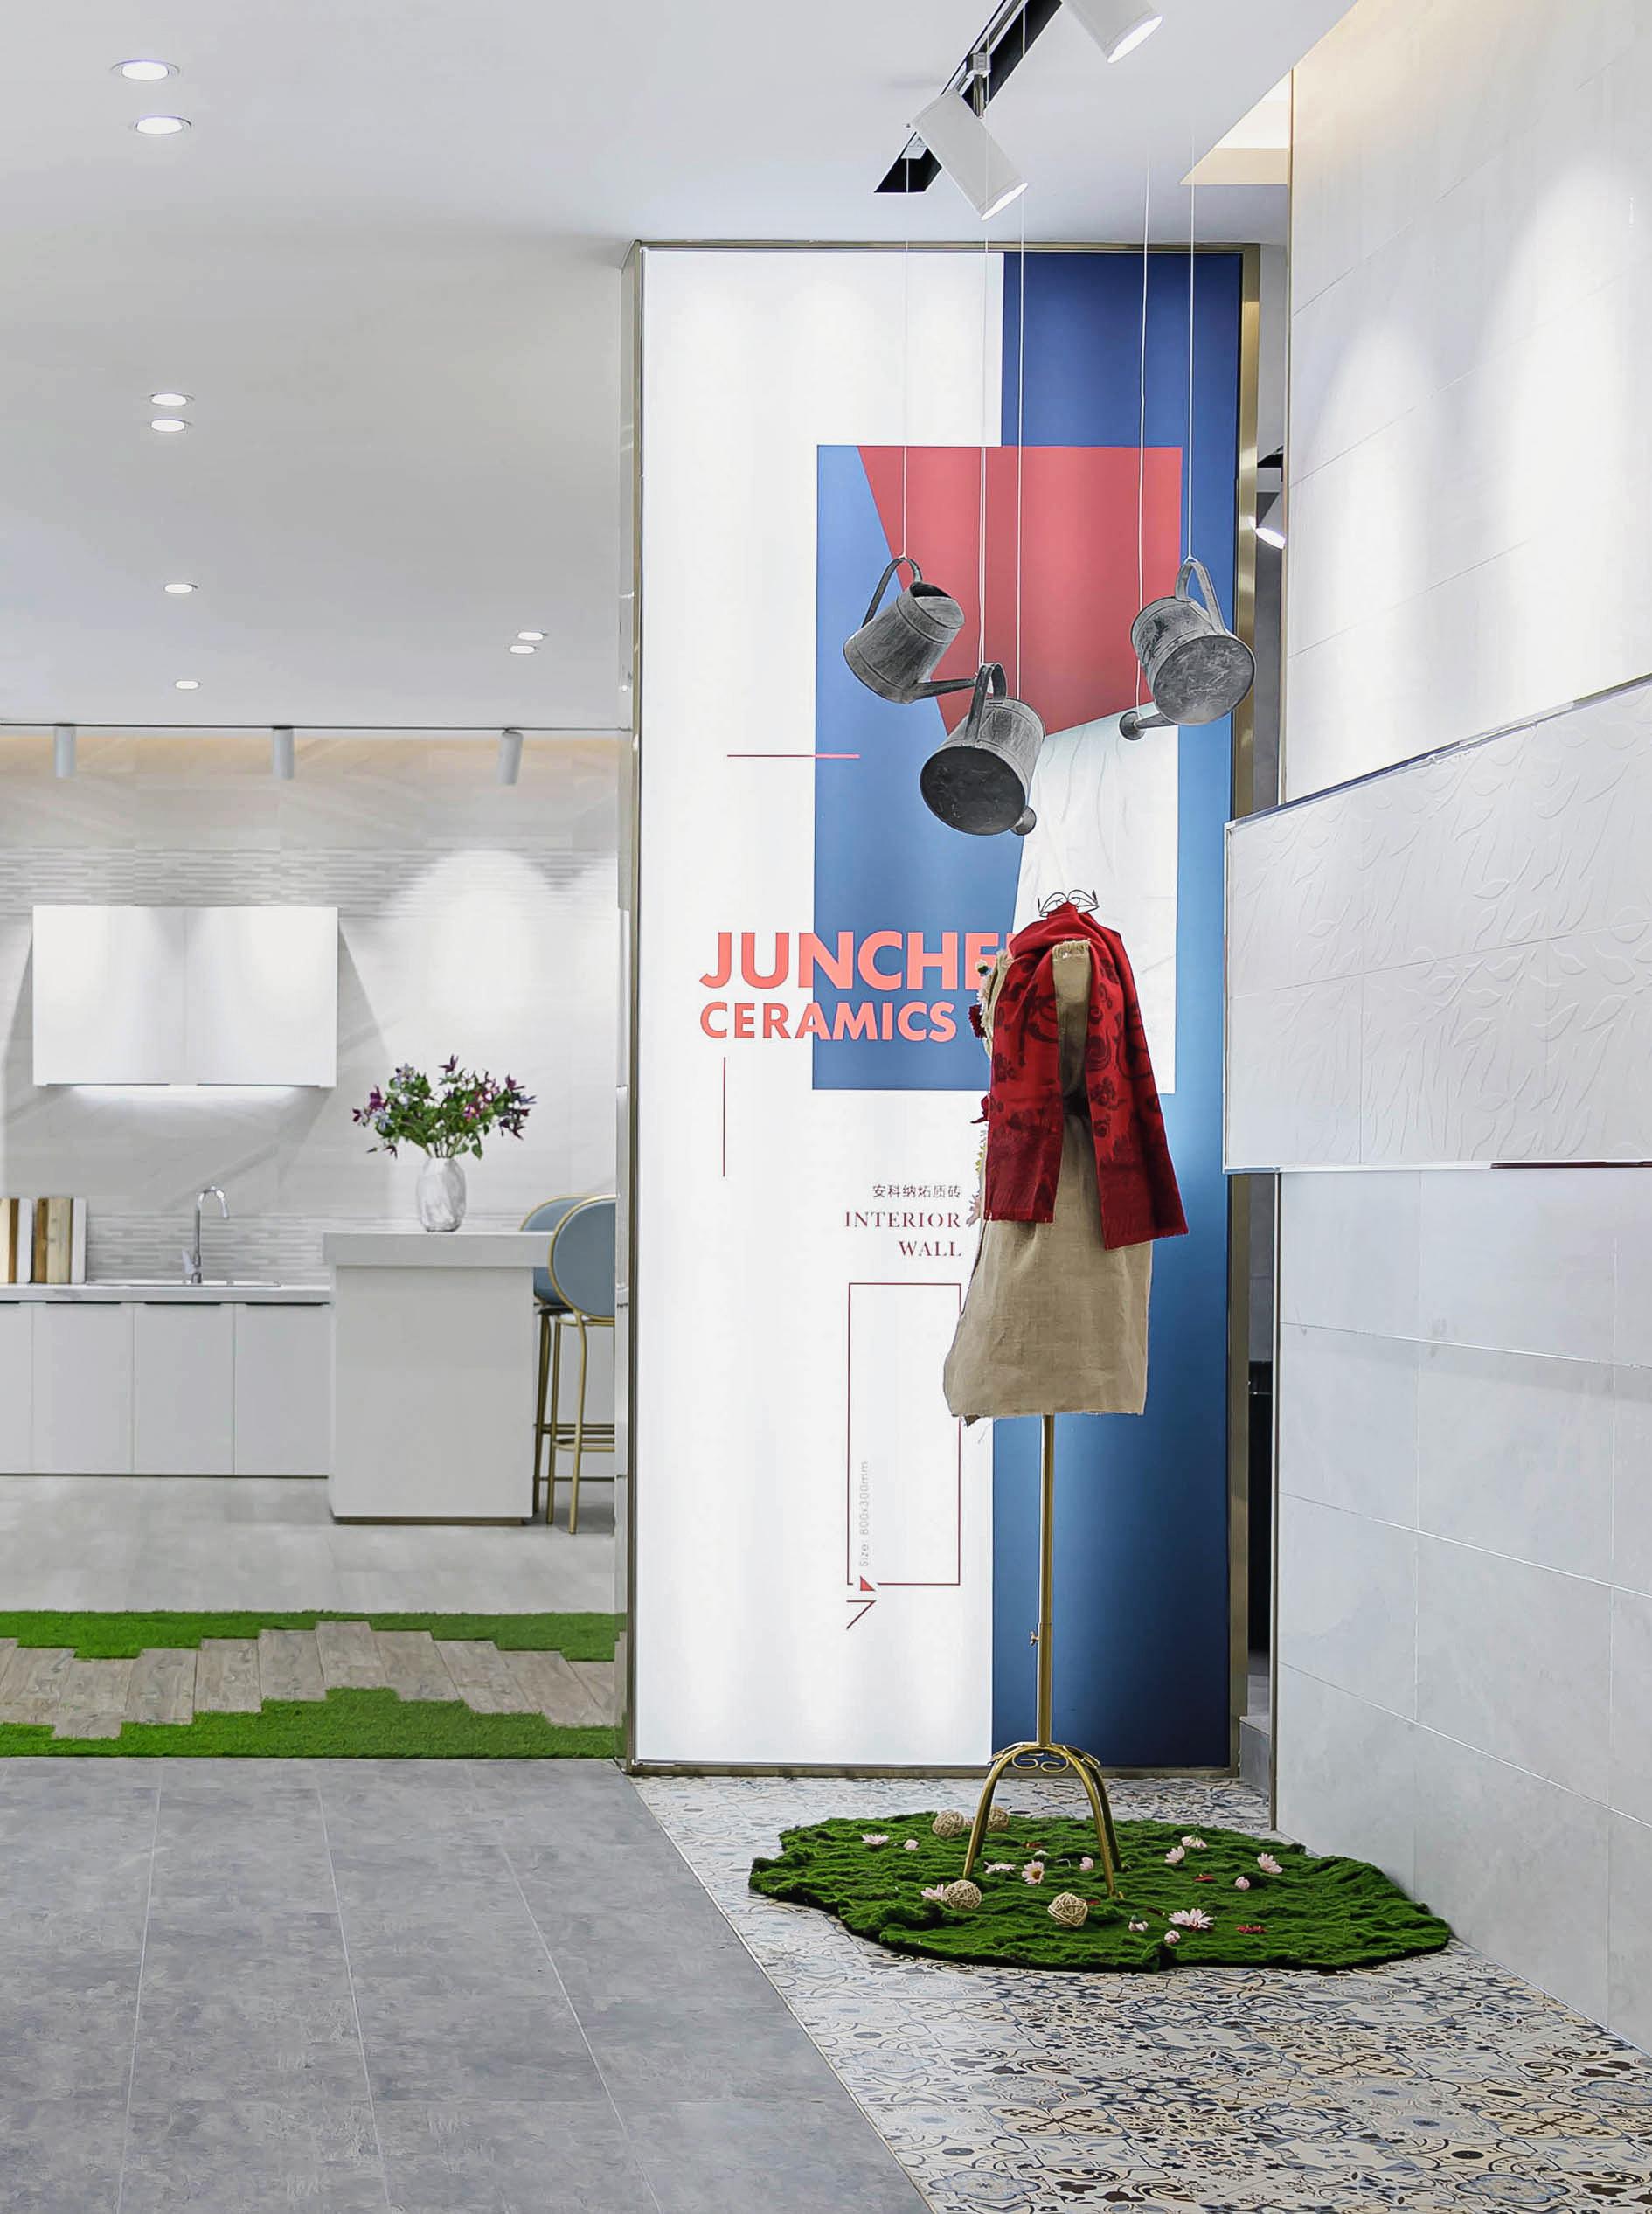 英鸣软装设计 突破 · 定义轻奢新风范:骏程陶瓷总部展厅